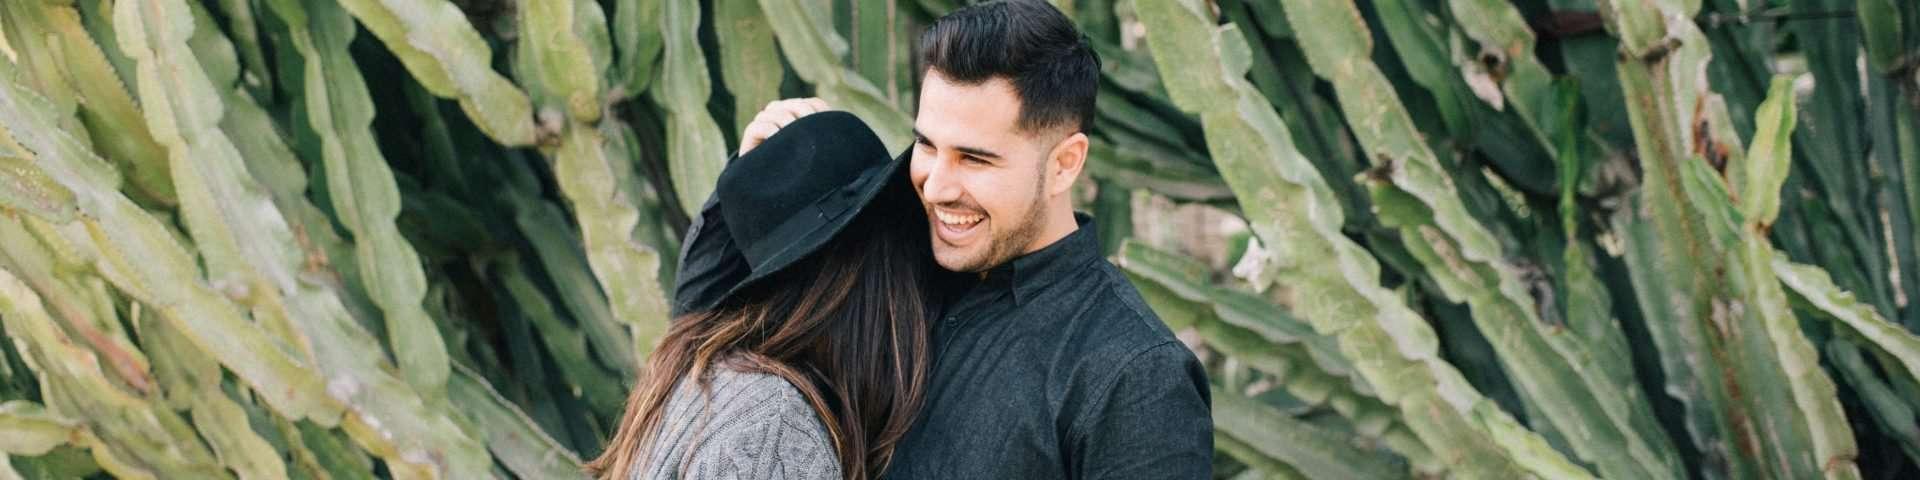 5 Dinge, die ein richtiger Mann tut, wenn er in einer Beziehung ist